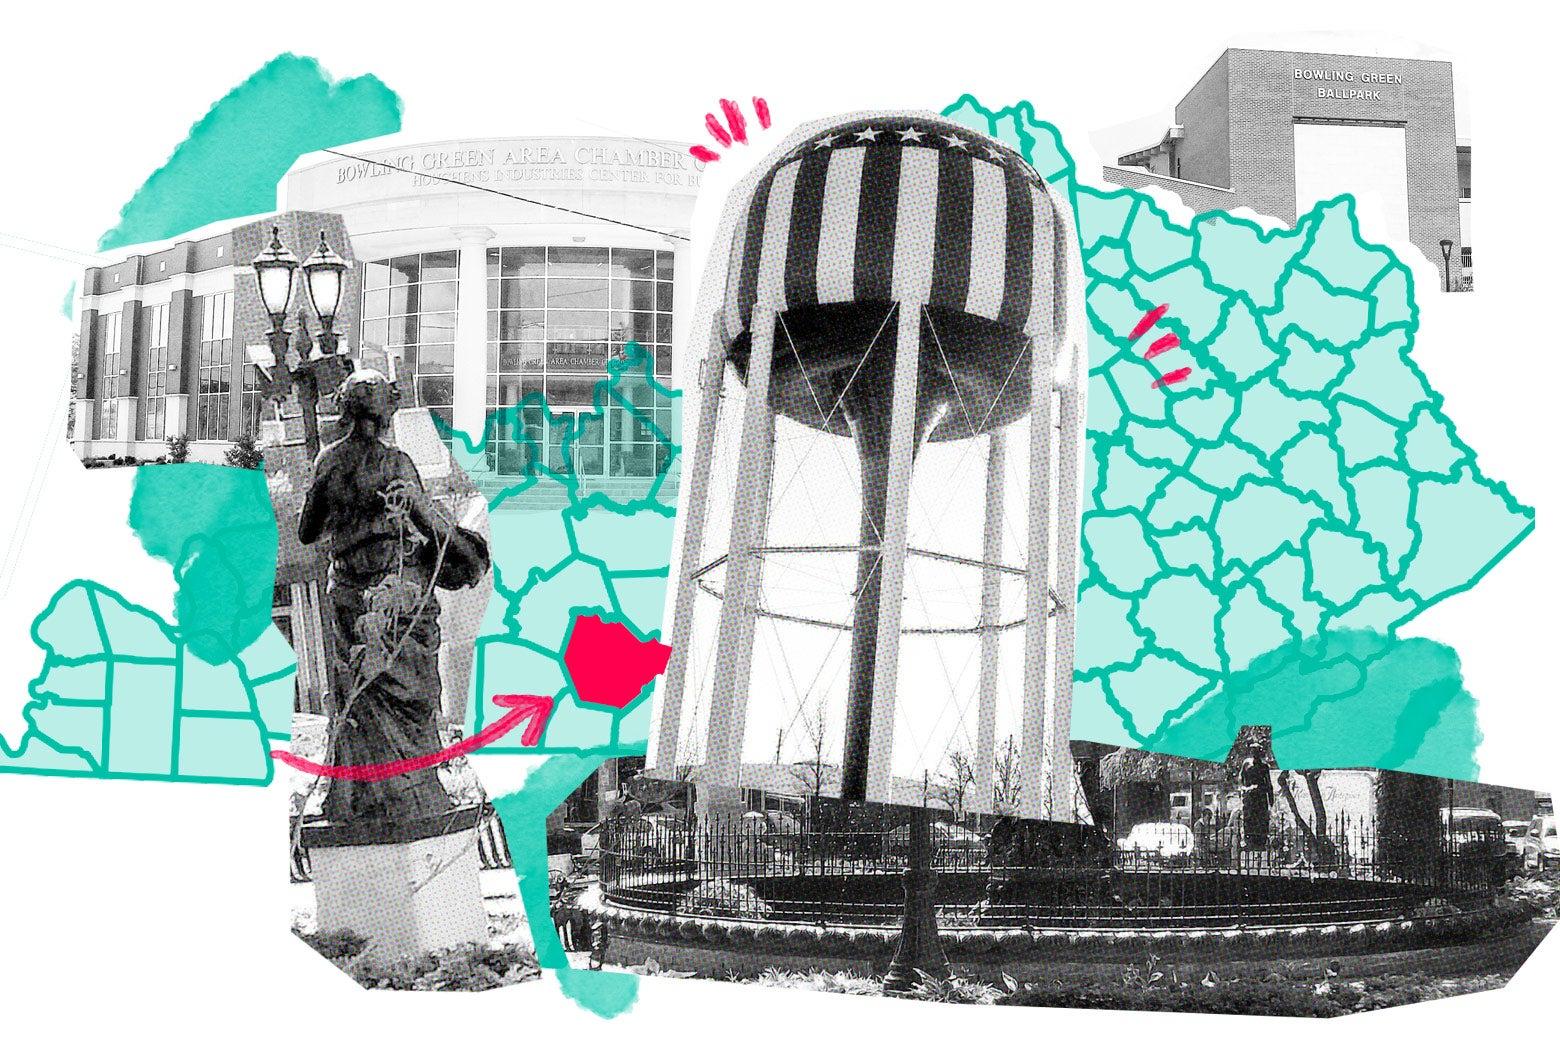 Collage of landmarks around Bowling Green, Kentucky.